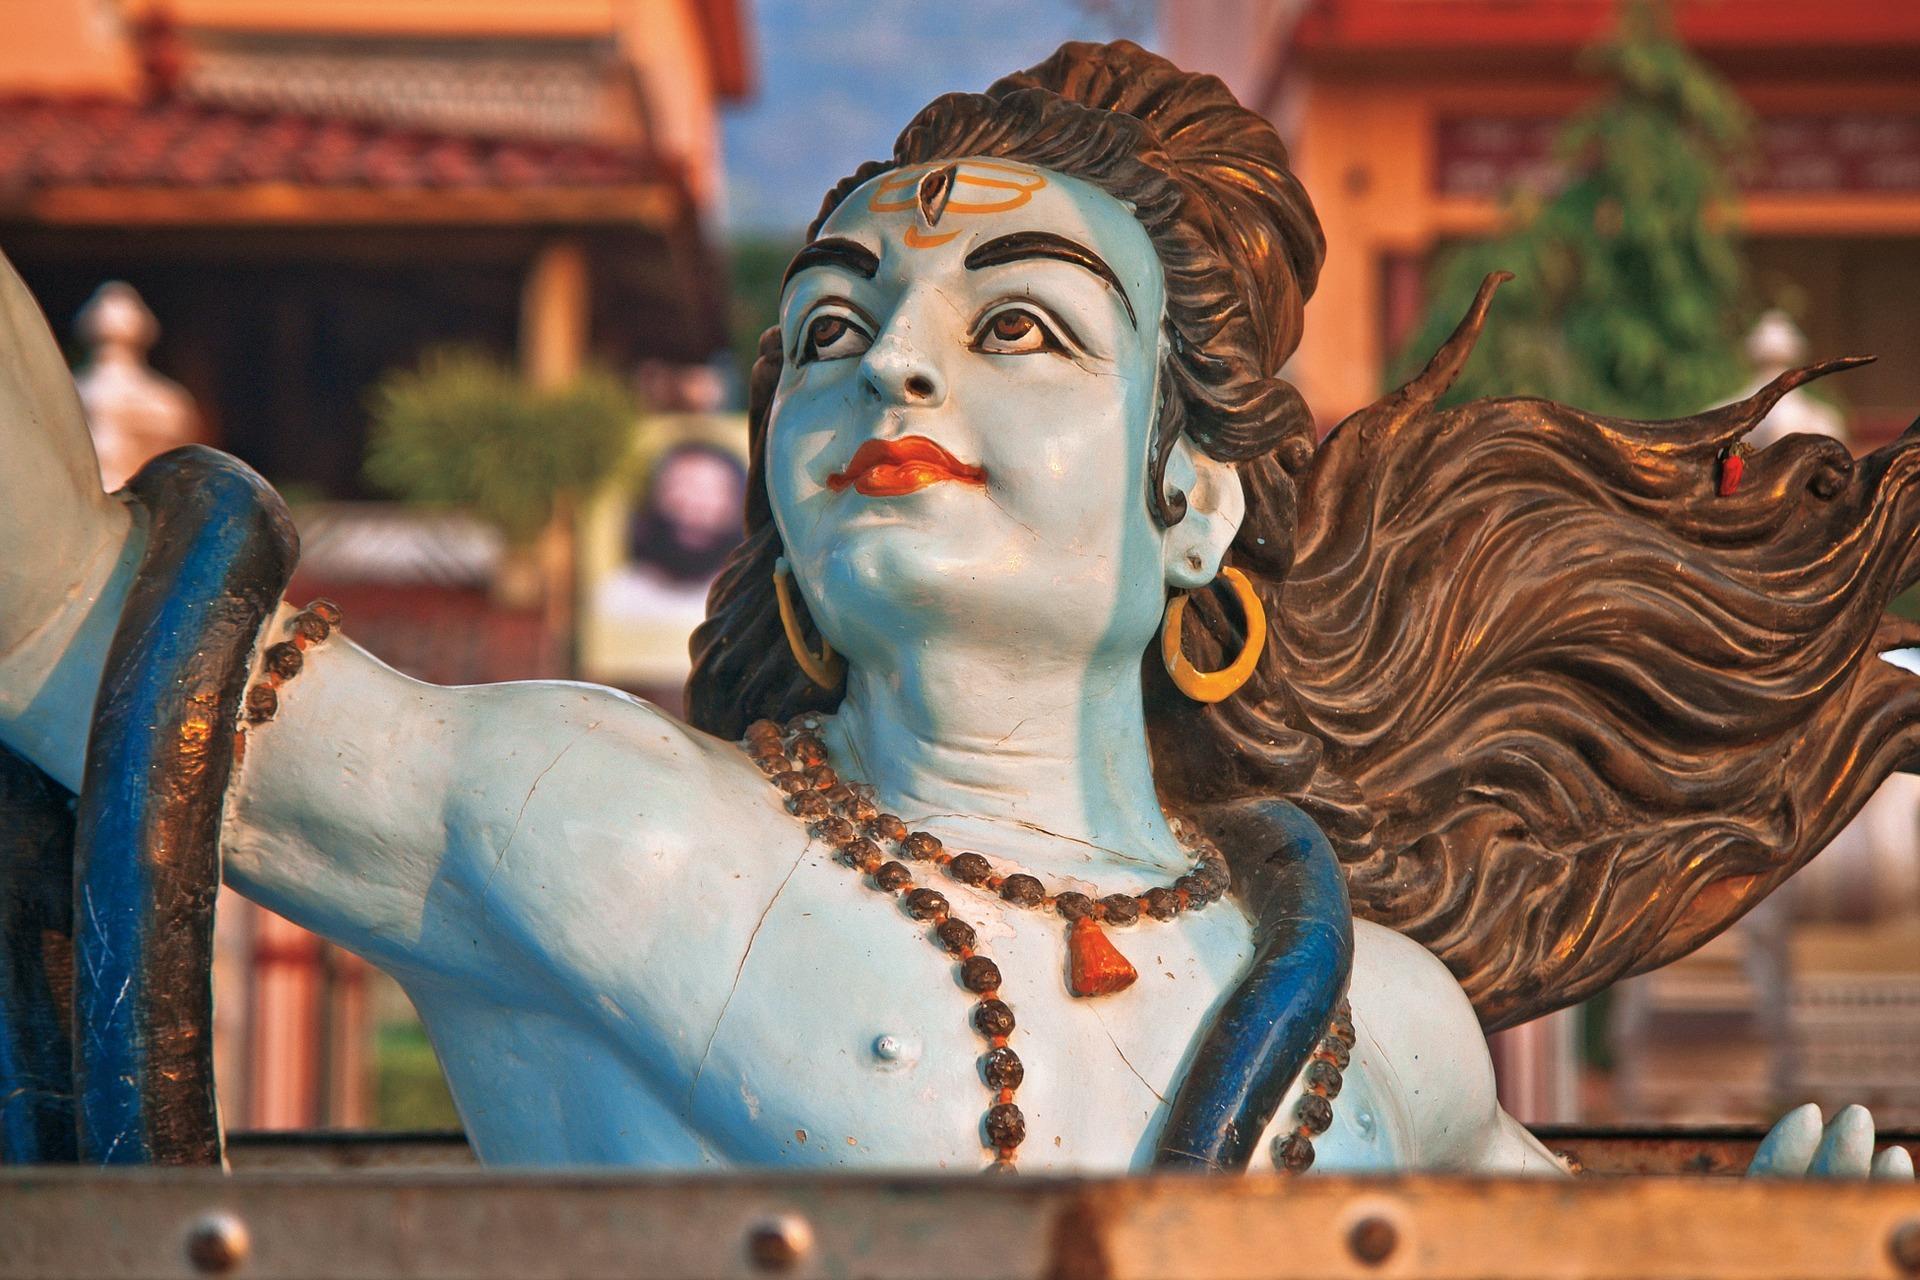 수억에 달하는 인도의 신 중에서 가장 인기가 있는 '파괴의 신 시바'. 특히 인도의 하층민들이 시바신을 섬긴다.